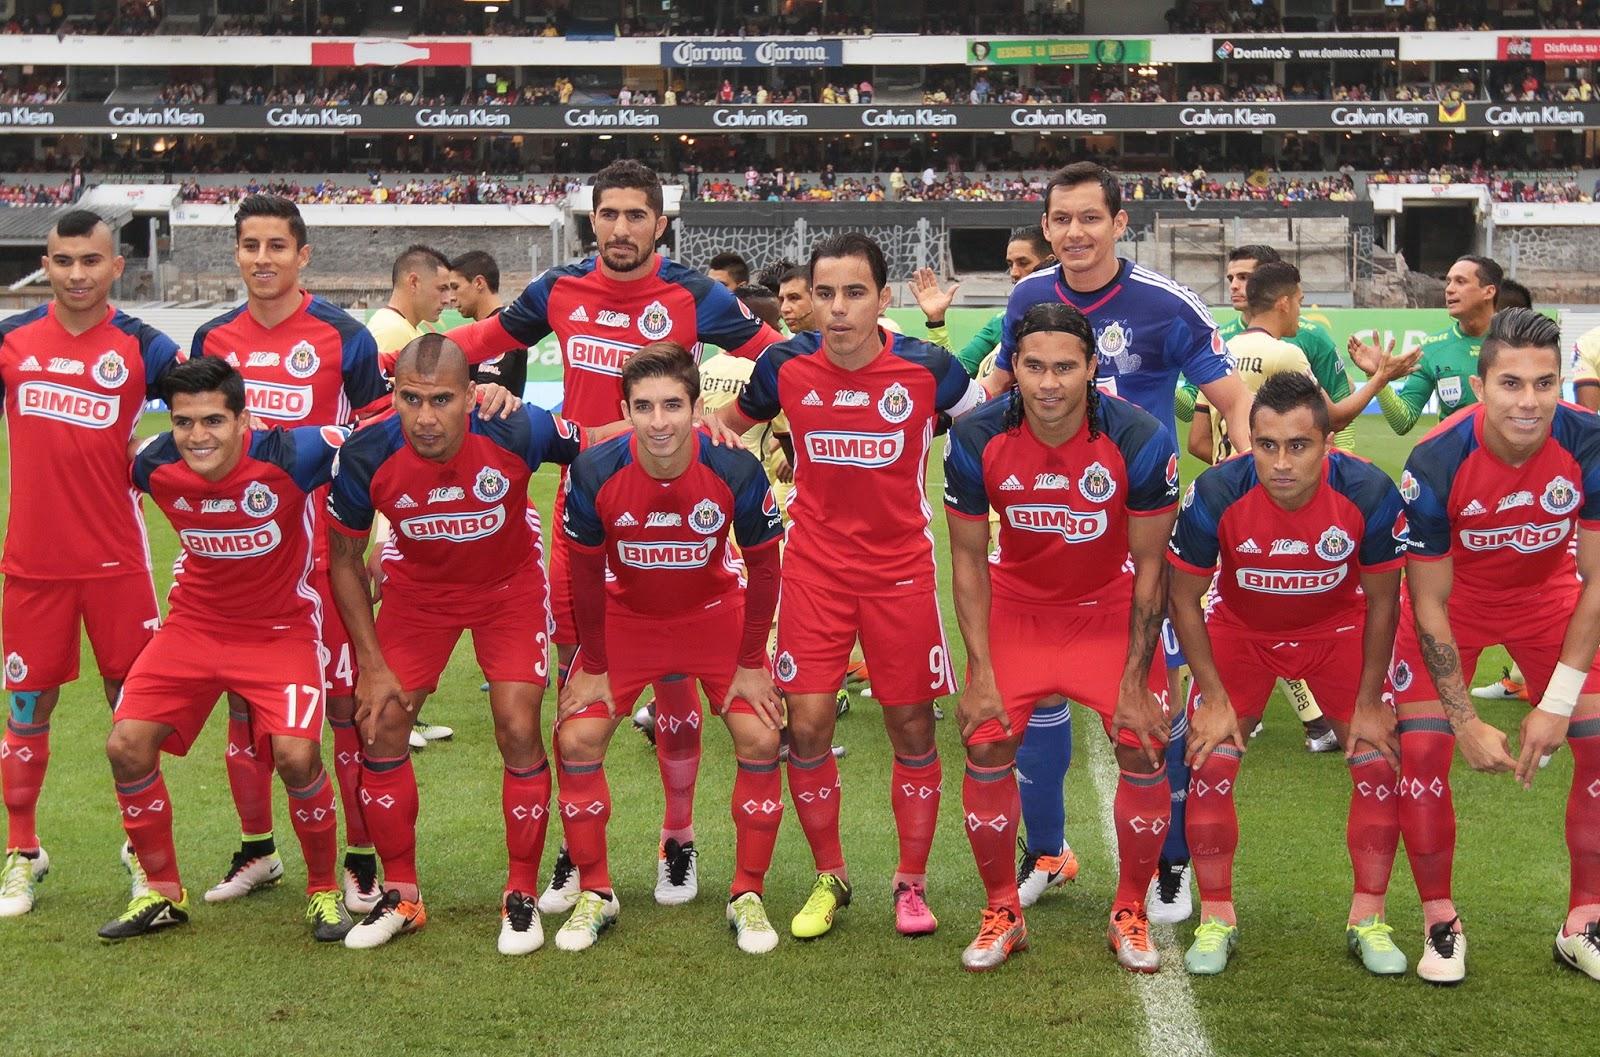 Jugadores de Chivas.